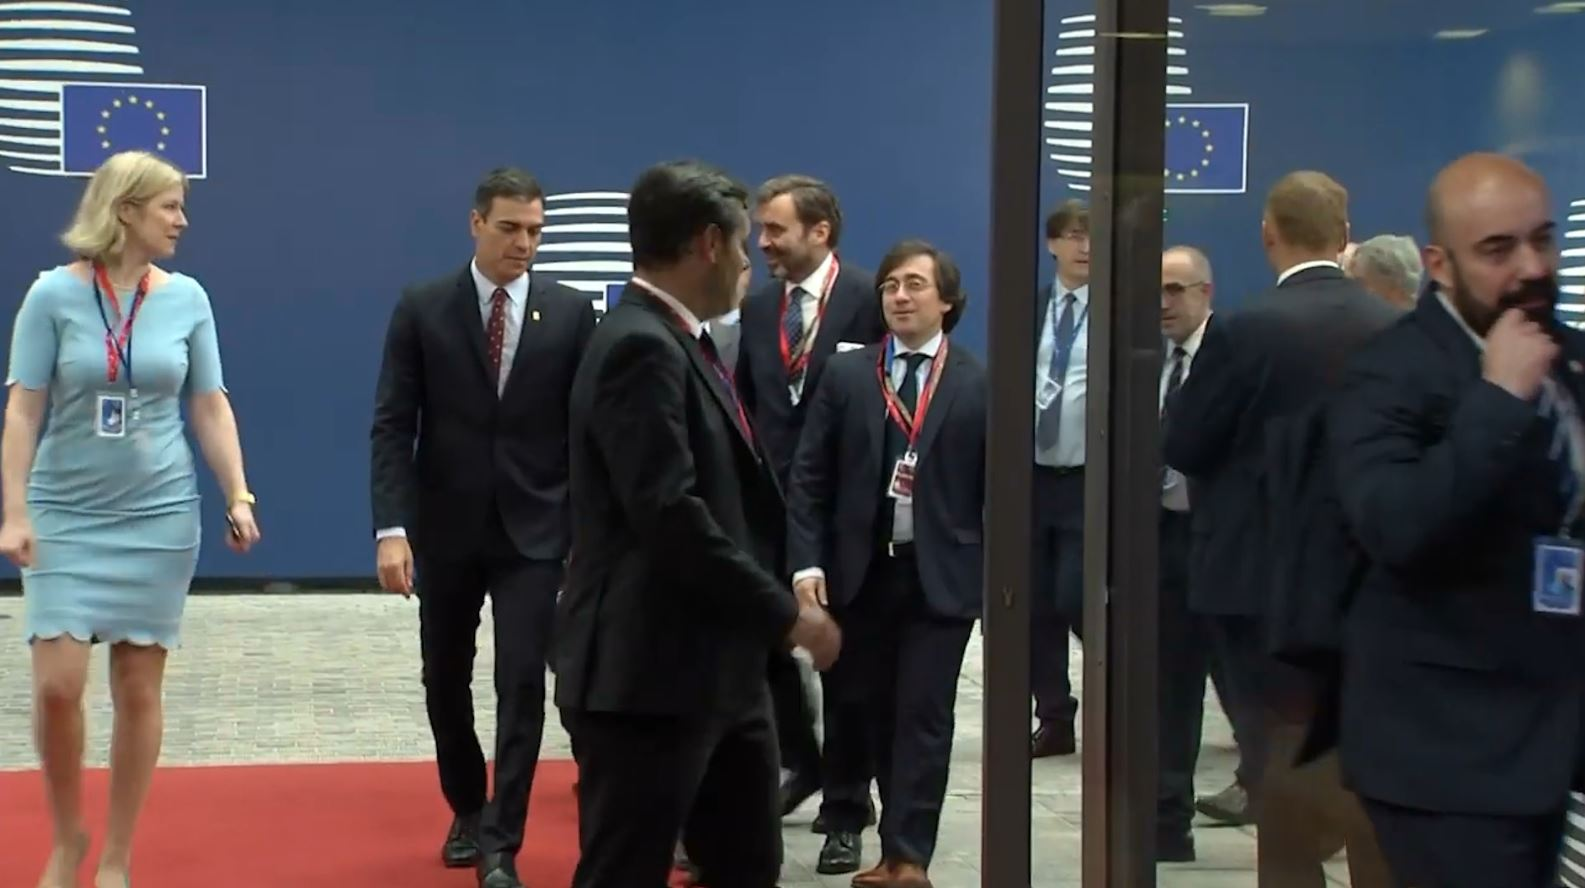 Parlamenti Evropian rihap dyert mes protestave dhe mosmarrëveshjeve